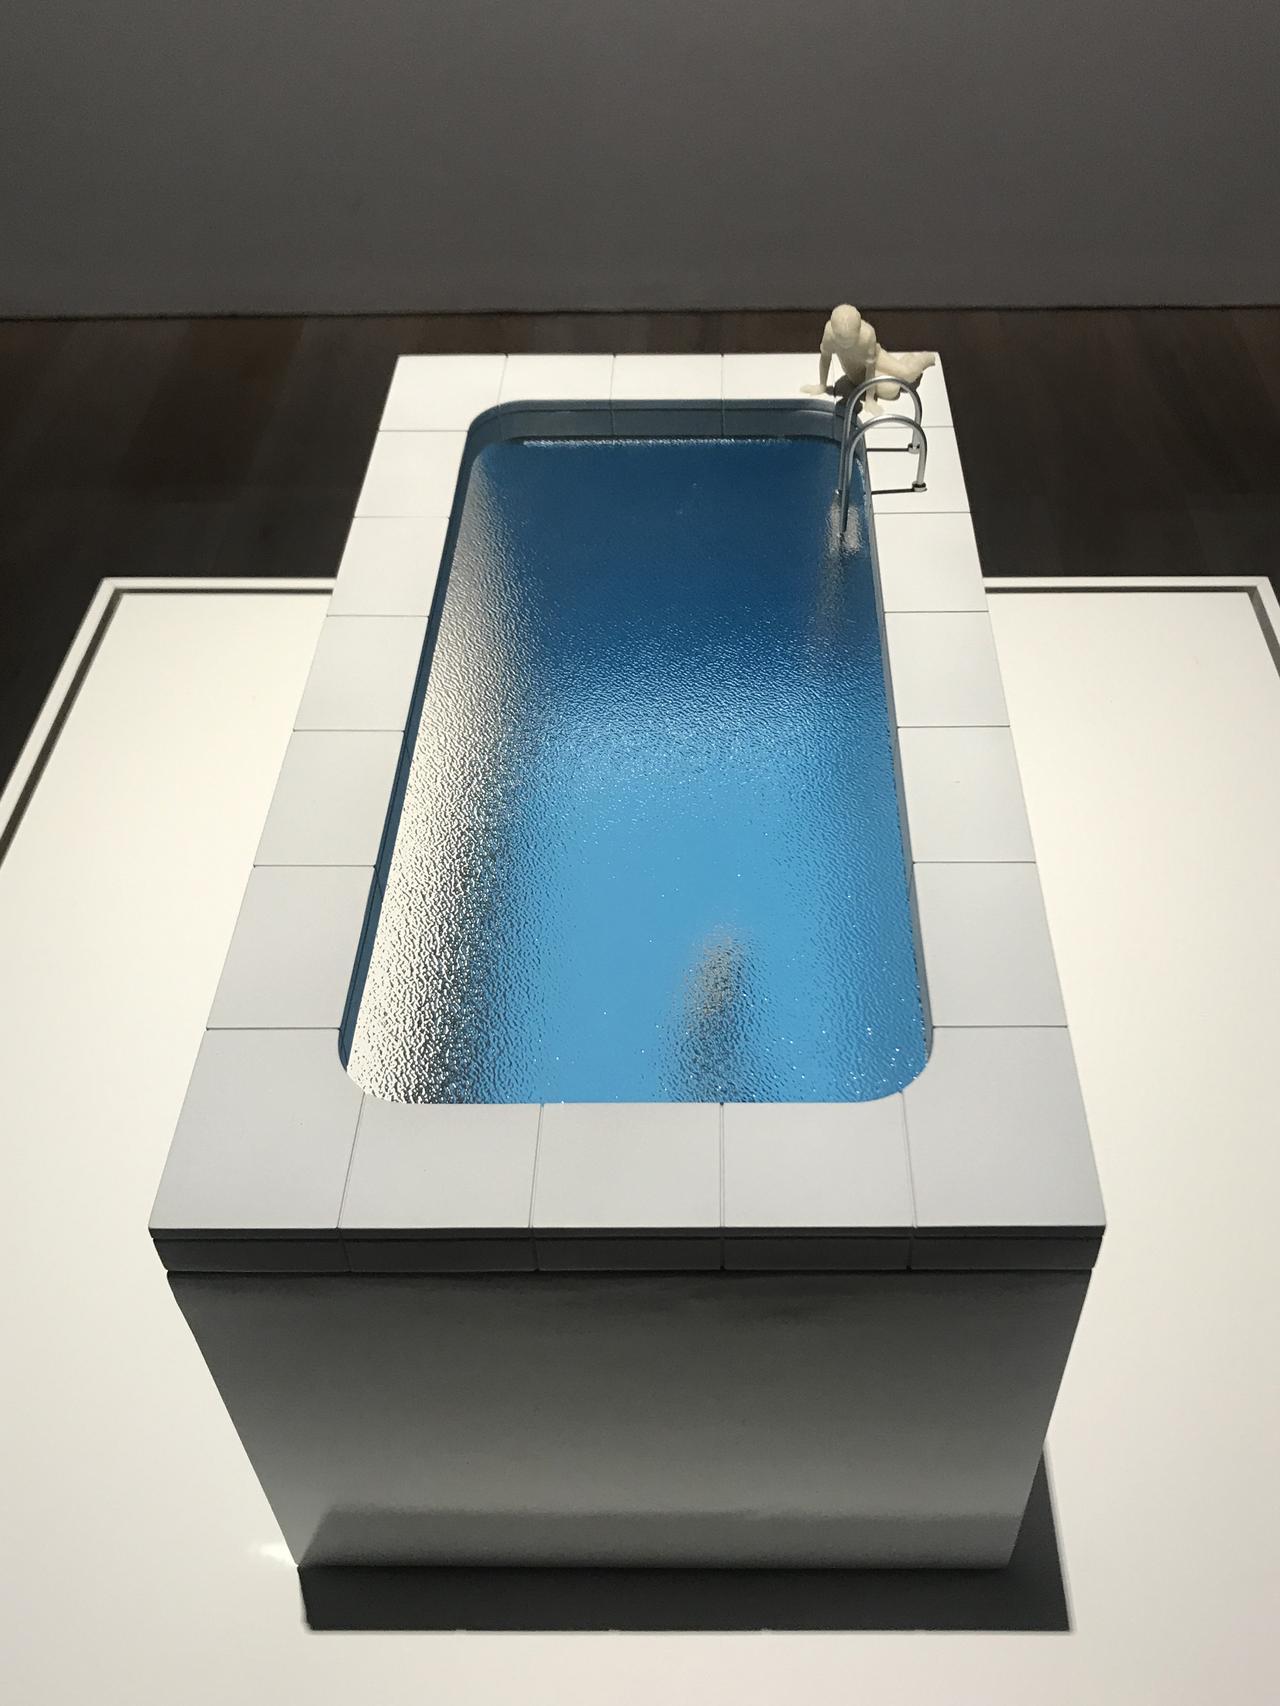 画像: 《スイミング・プール[模型]》 The Swimming Pool [model] 1999 プラスチック、高透過アクリル Plastic, clear textured acrylic 25.2 × 46 × 25.2 cm 作家蔵| Collection of the Artist photo©cinefil:ms